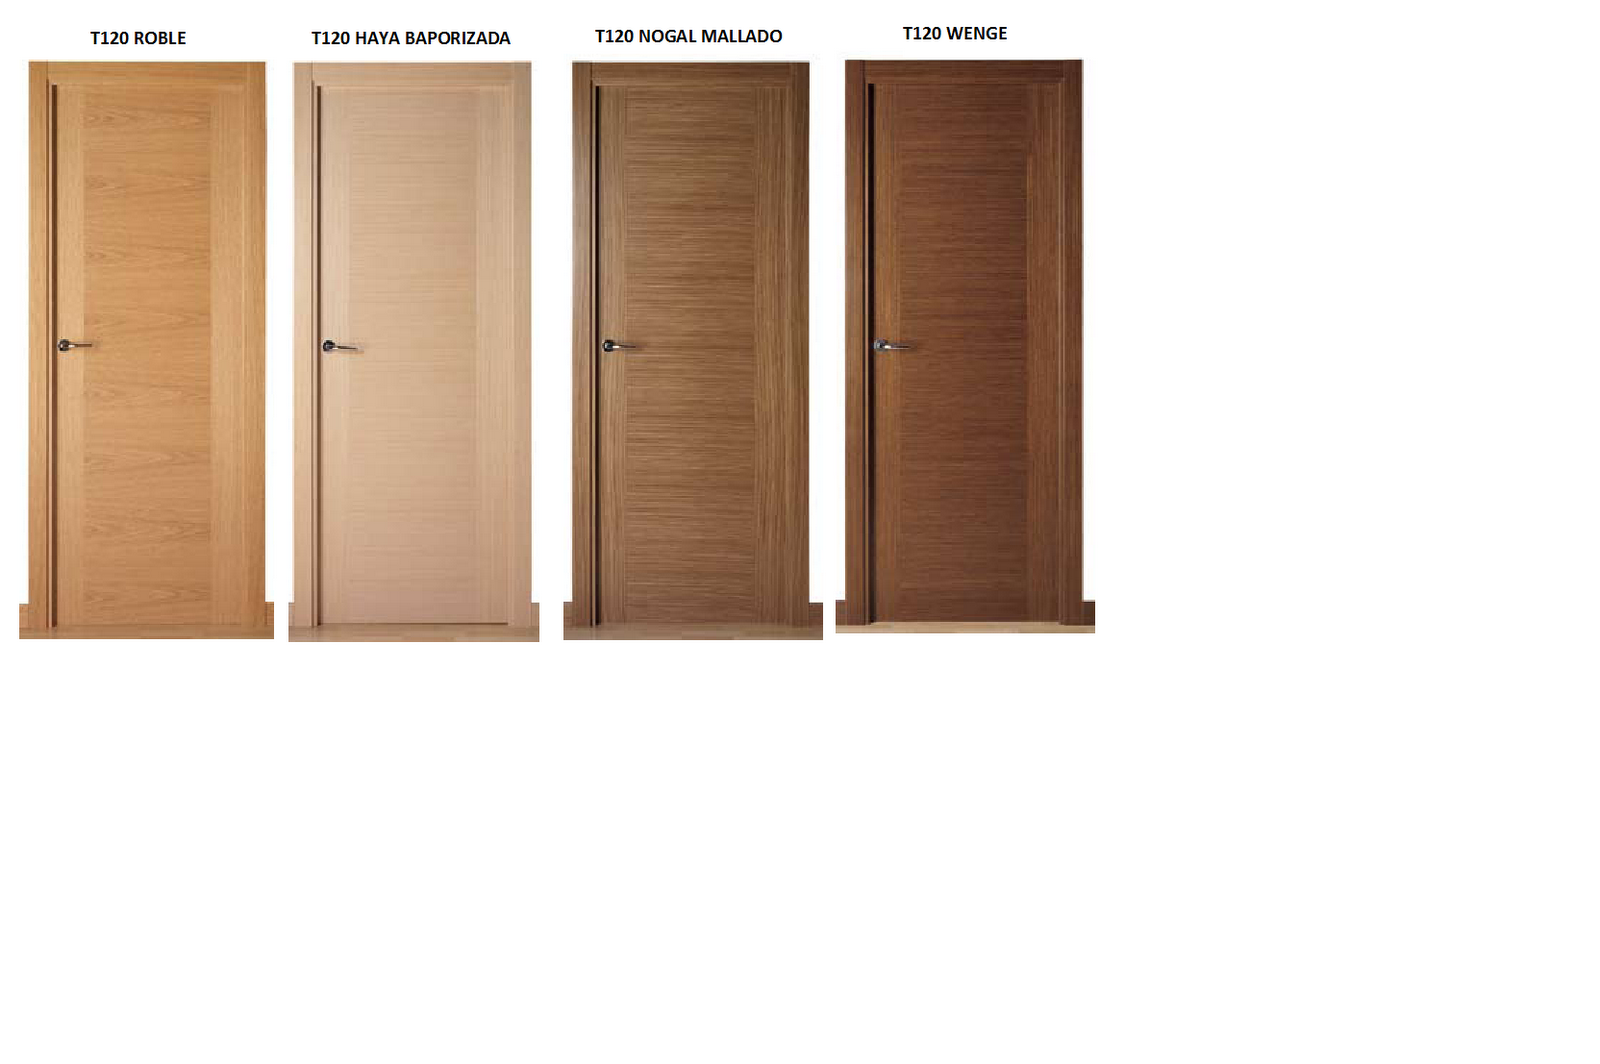 Suritama noviembre 2011 - Puertas de madera de interior precios ...